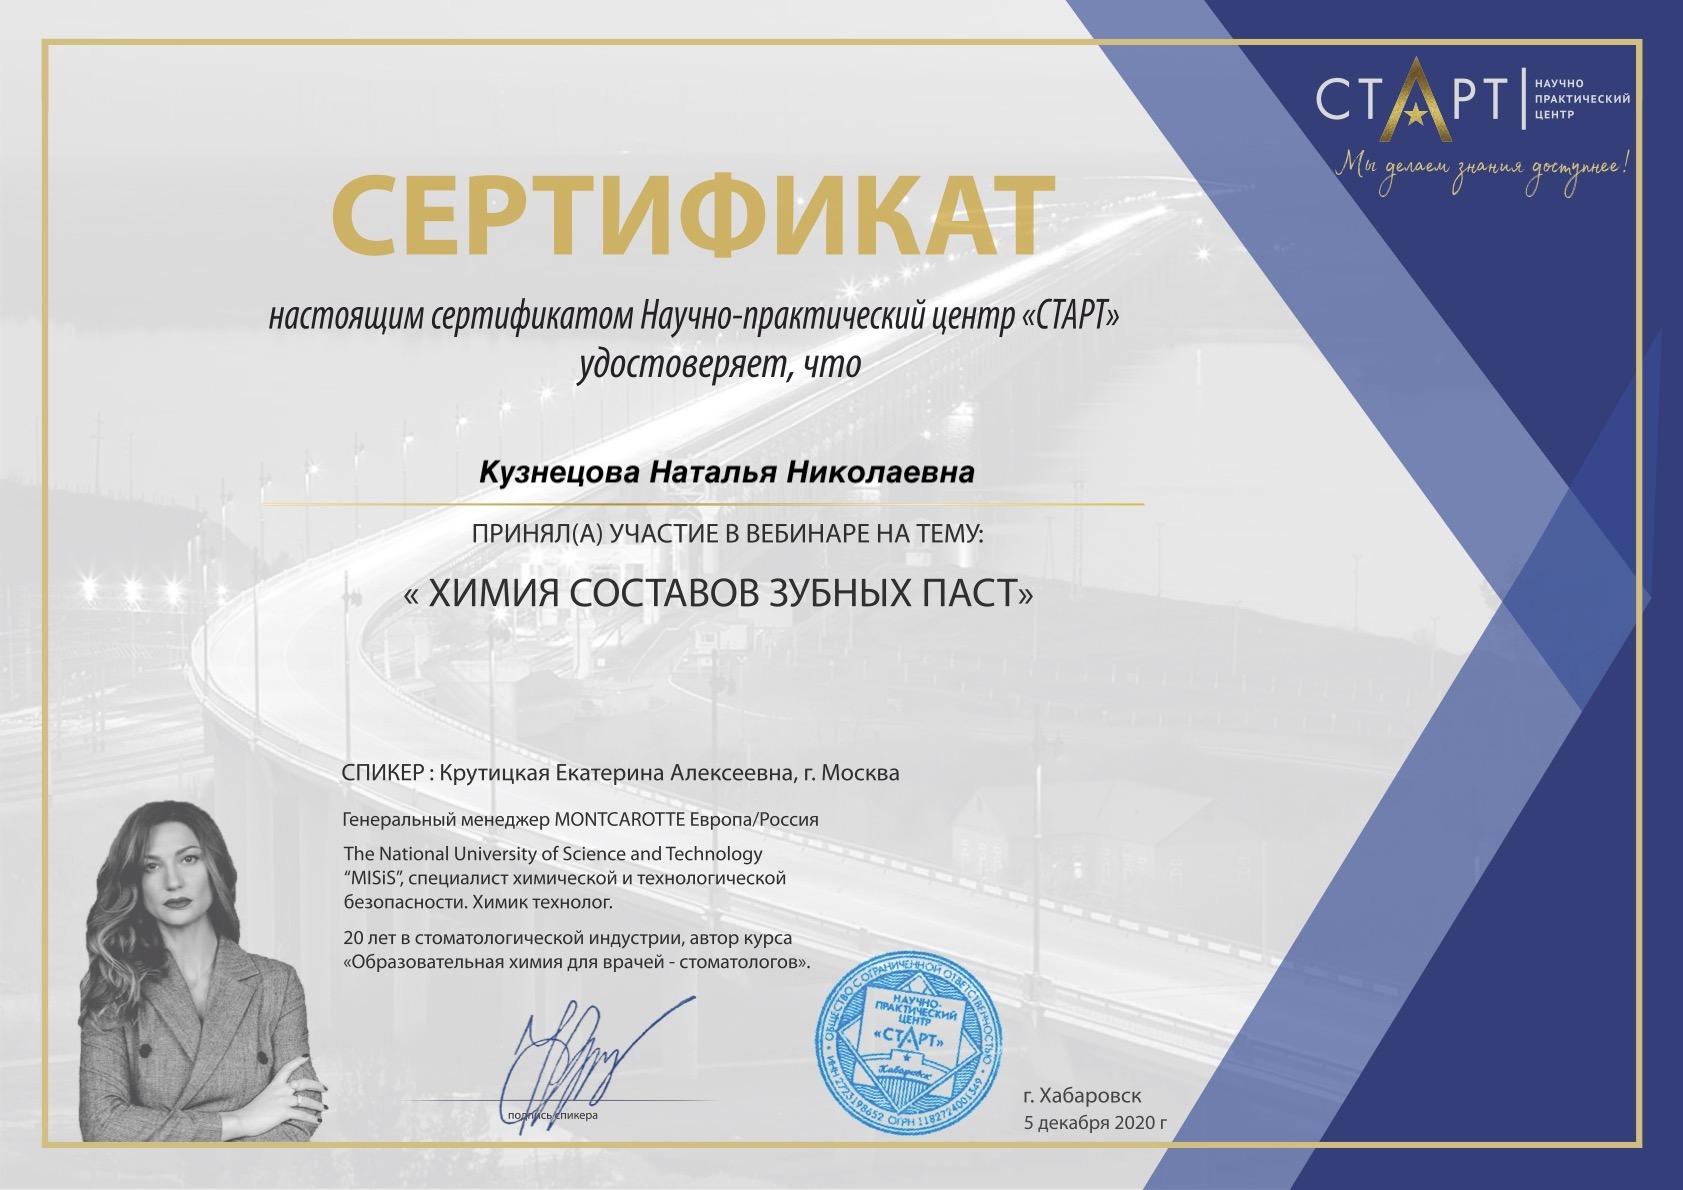 Кузнецова Наталья Николаевна. Сертификат